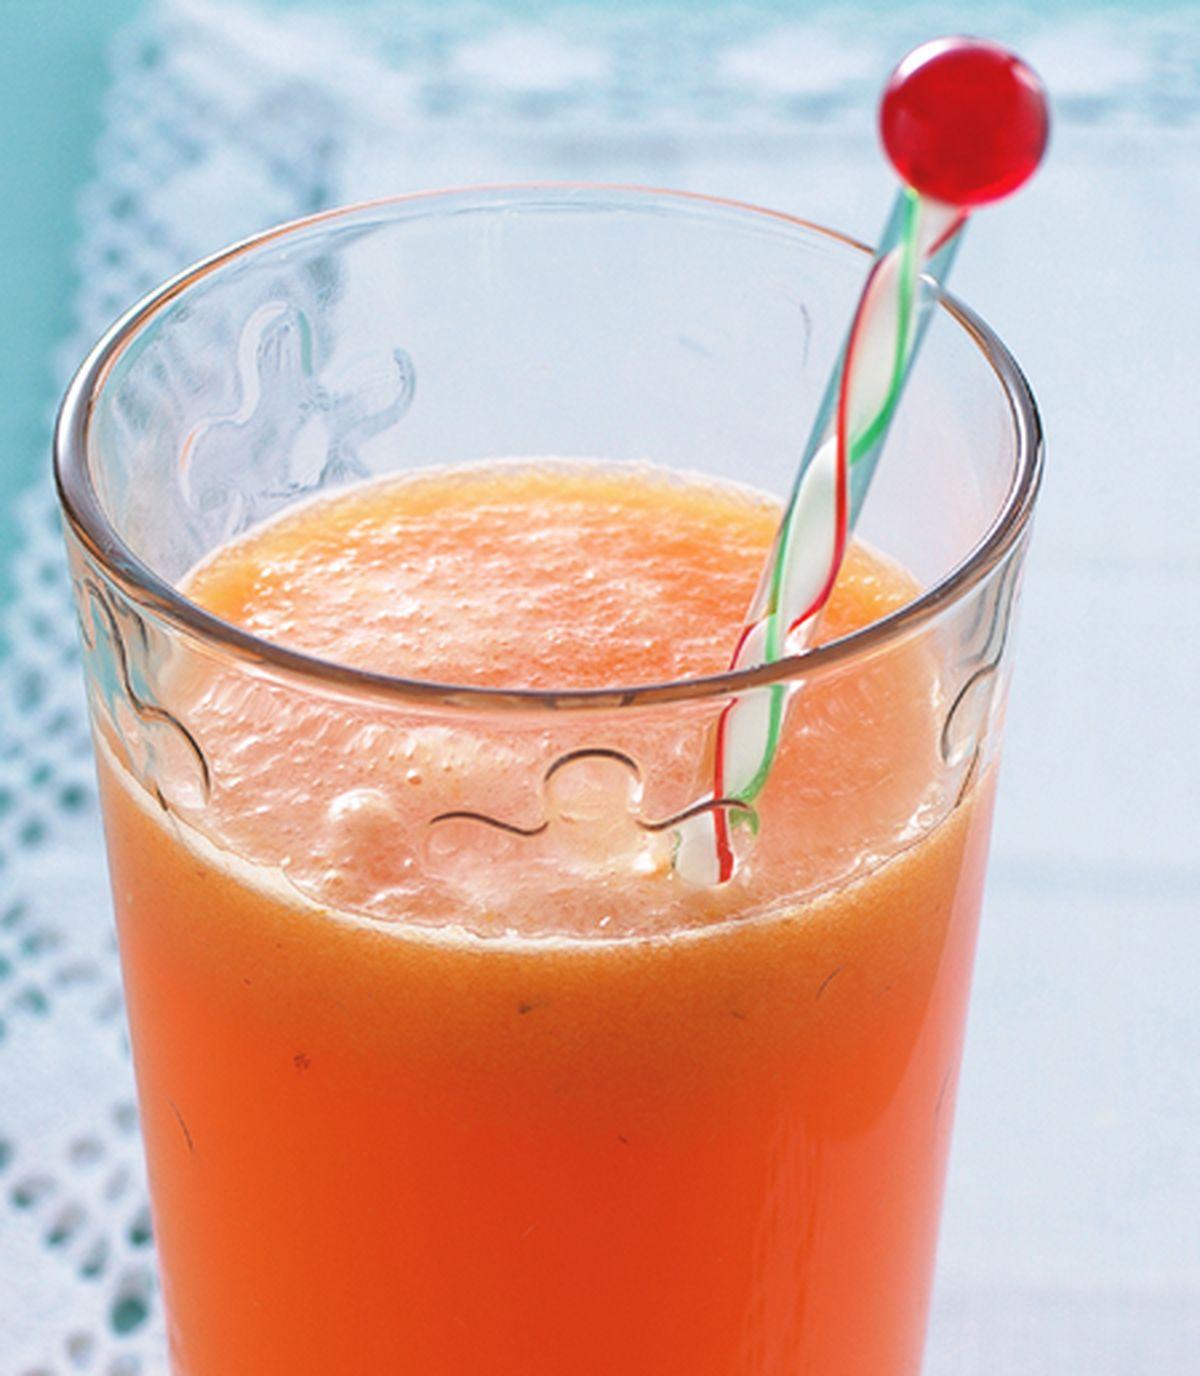 【食譜】紅蘿蔔黃椒芒果汁:www.ytower.com.tw